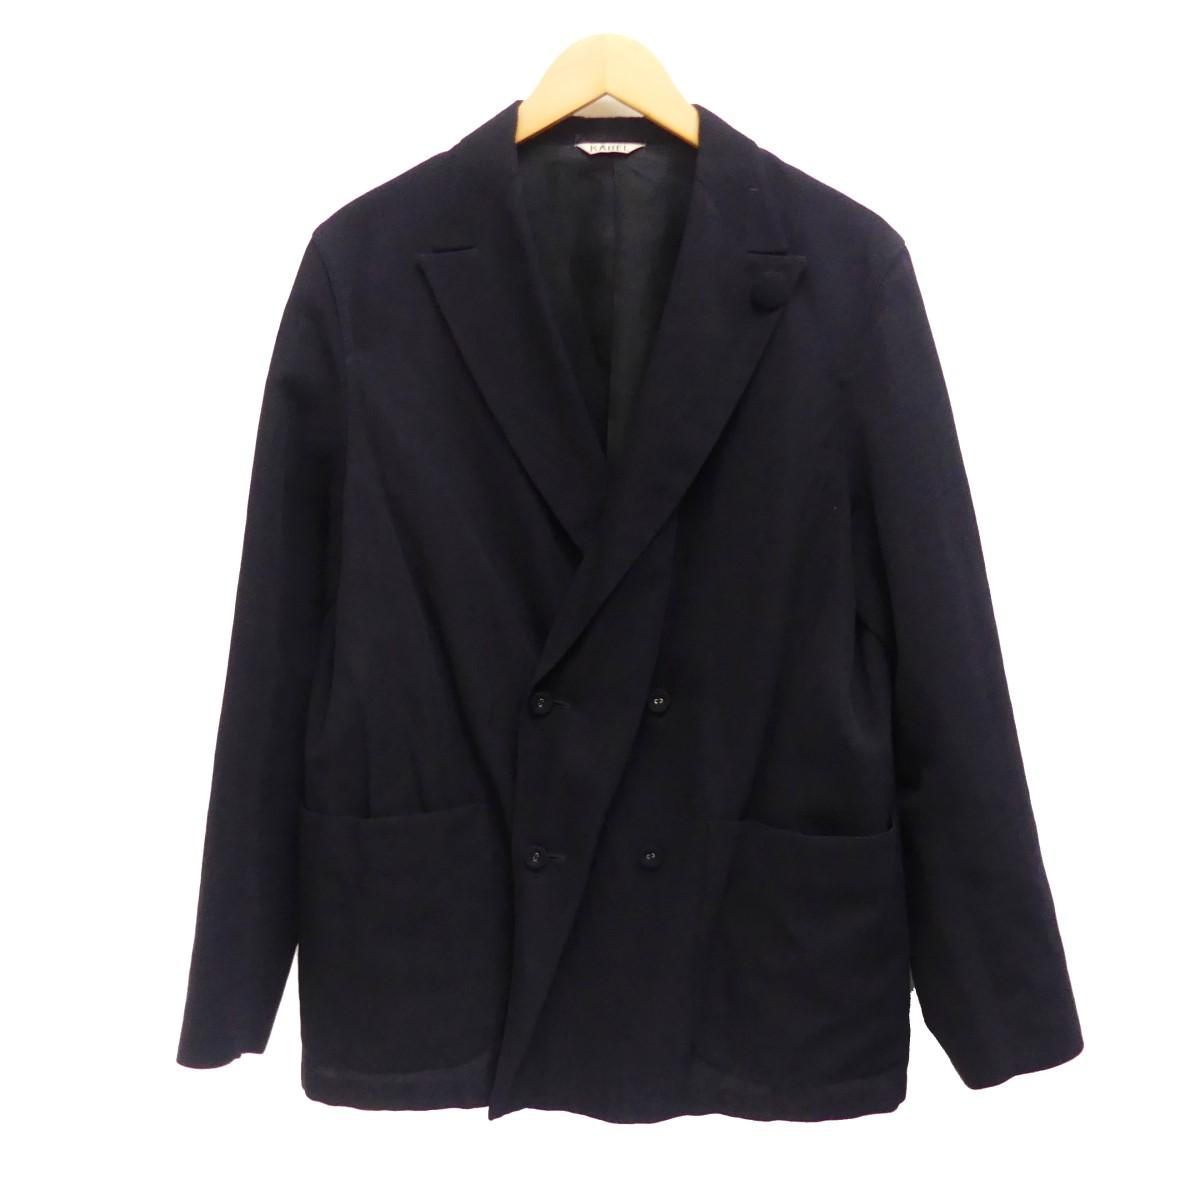 【中古】KABEL ウールリネンダブルテーラードジャケット サイズ:2 【150420】(カベル)